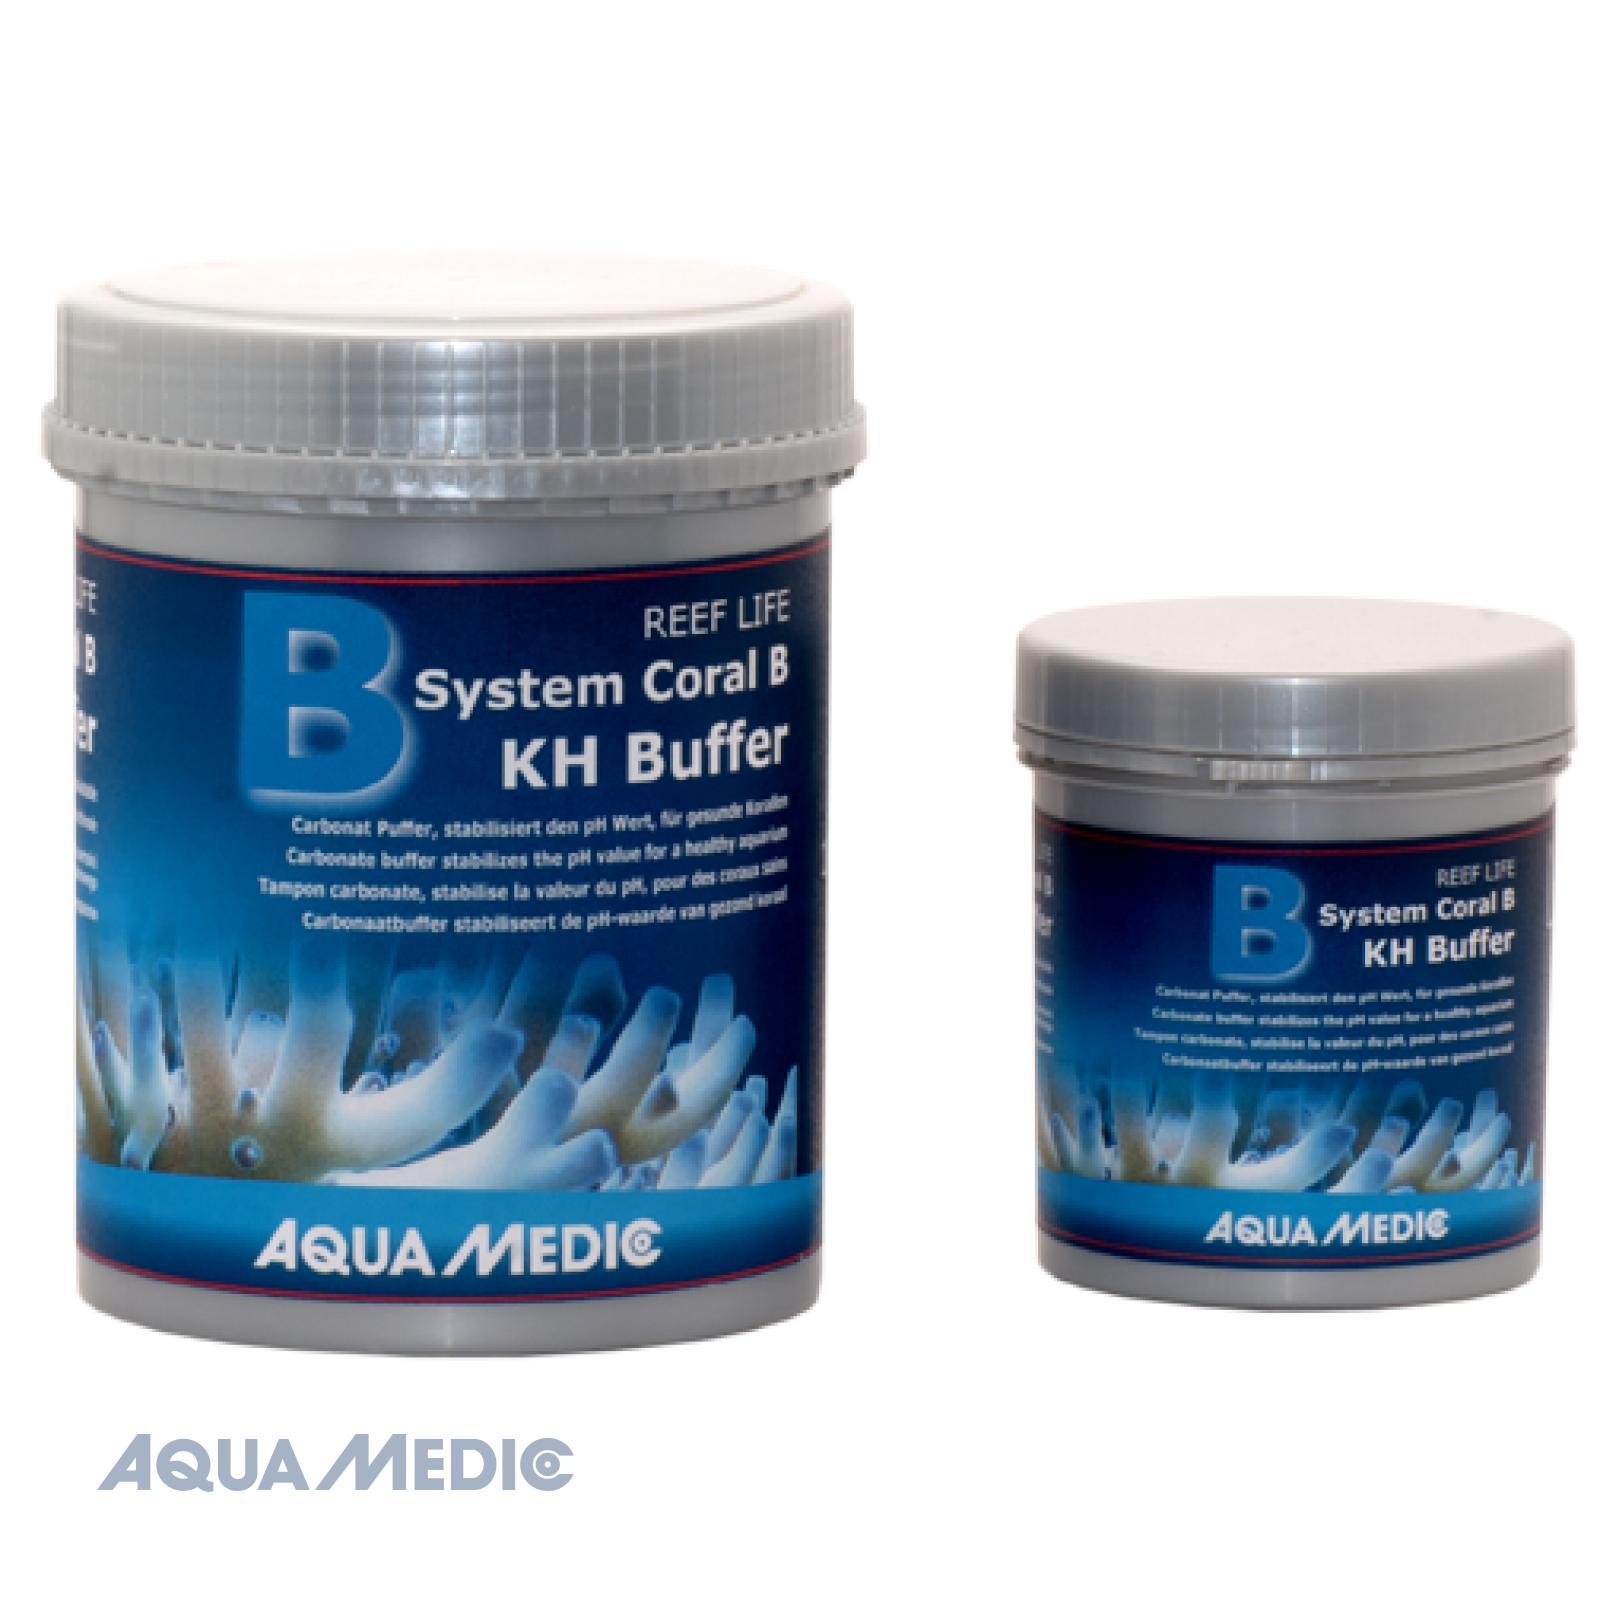 Aquamedic Coral Kh Buffer 300g